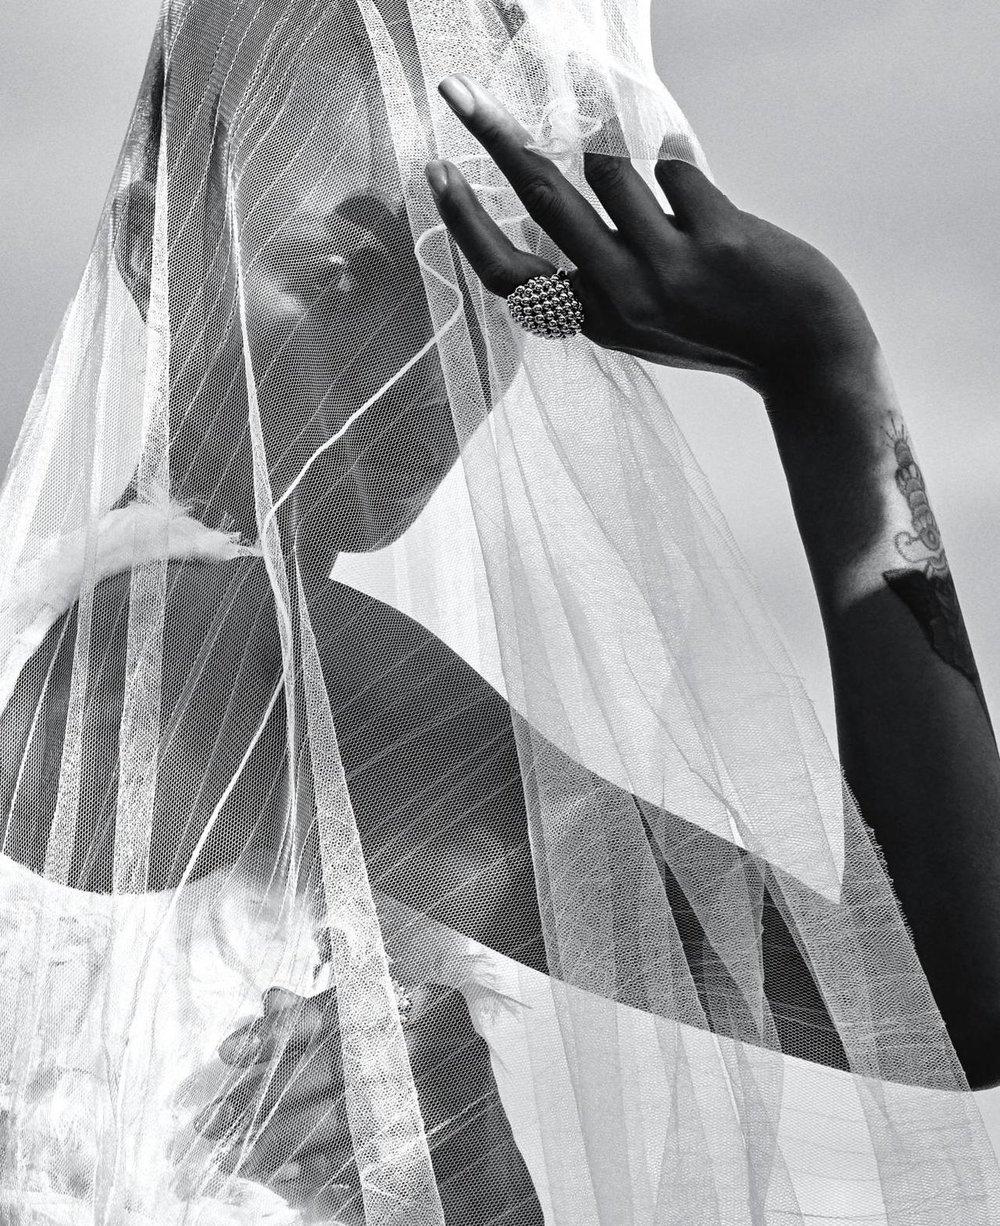 Adesuwa-Aighewi-Sebastian-Kim-Harpers-Bazaar- US-April-2019- (2).jpg